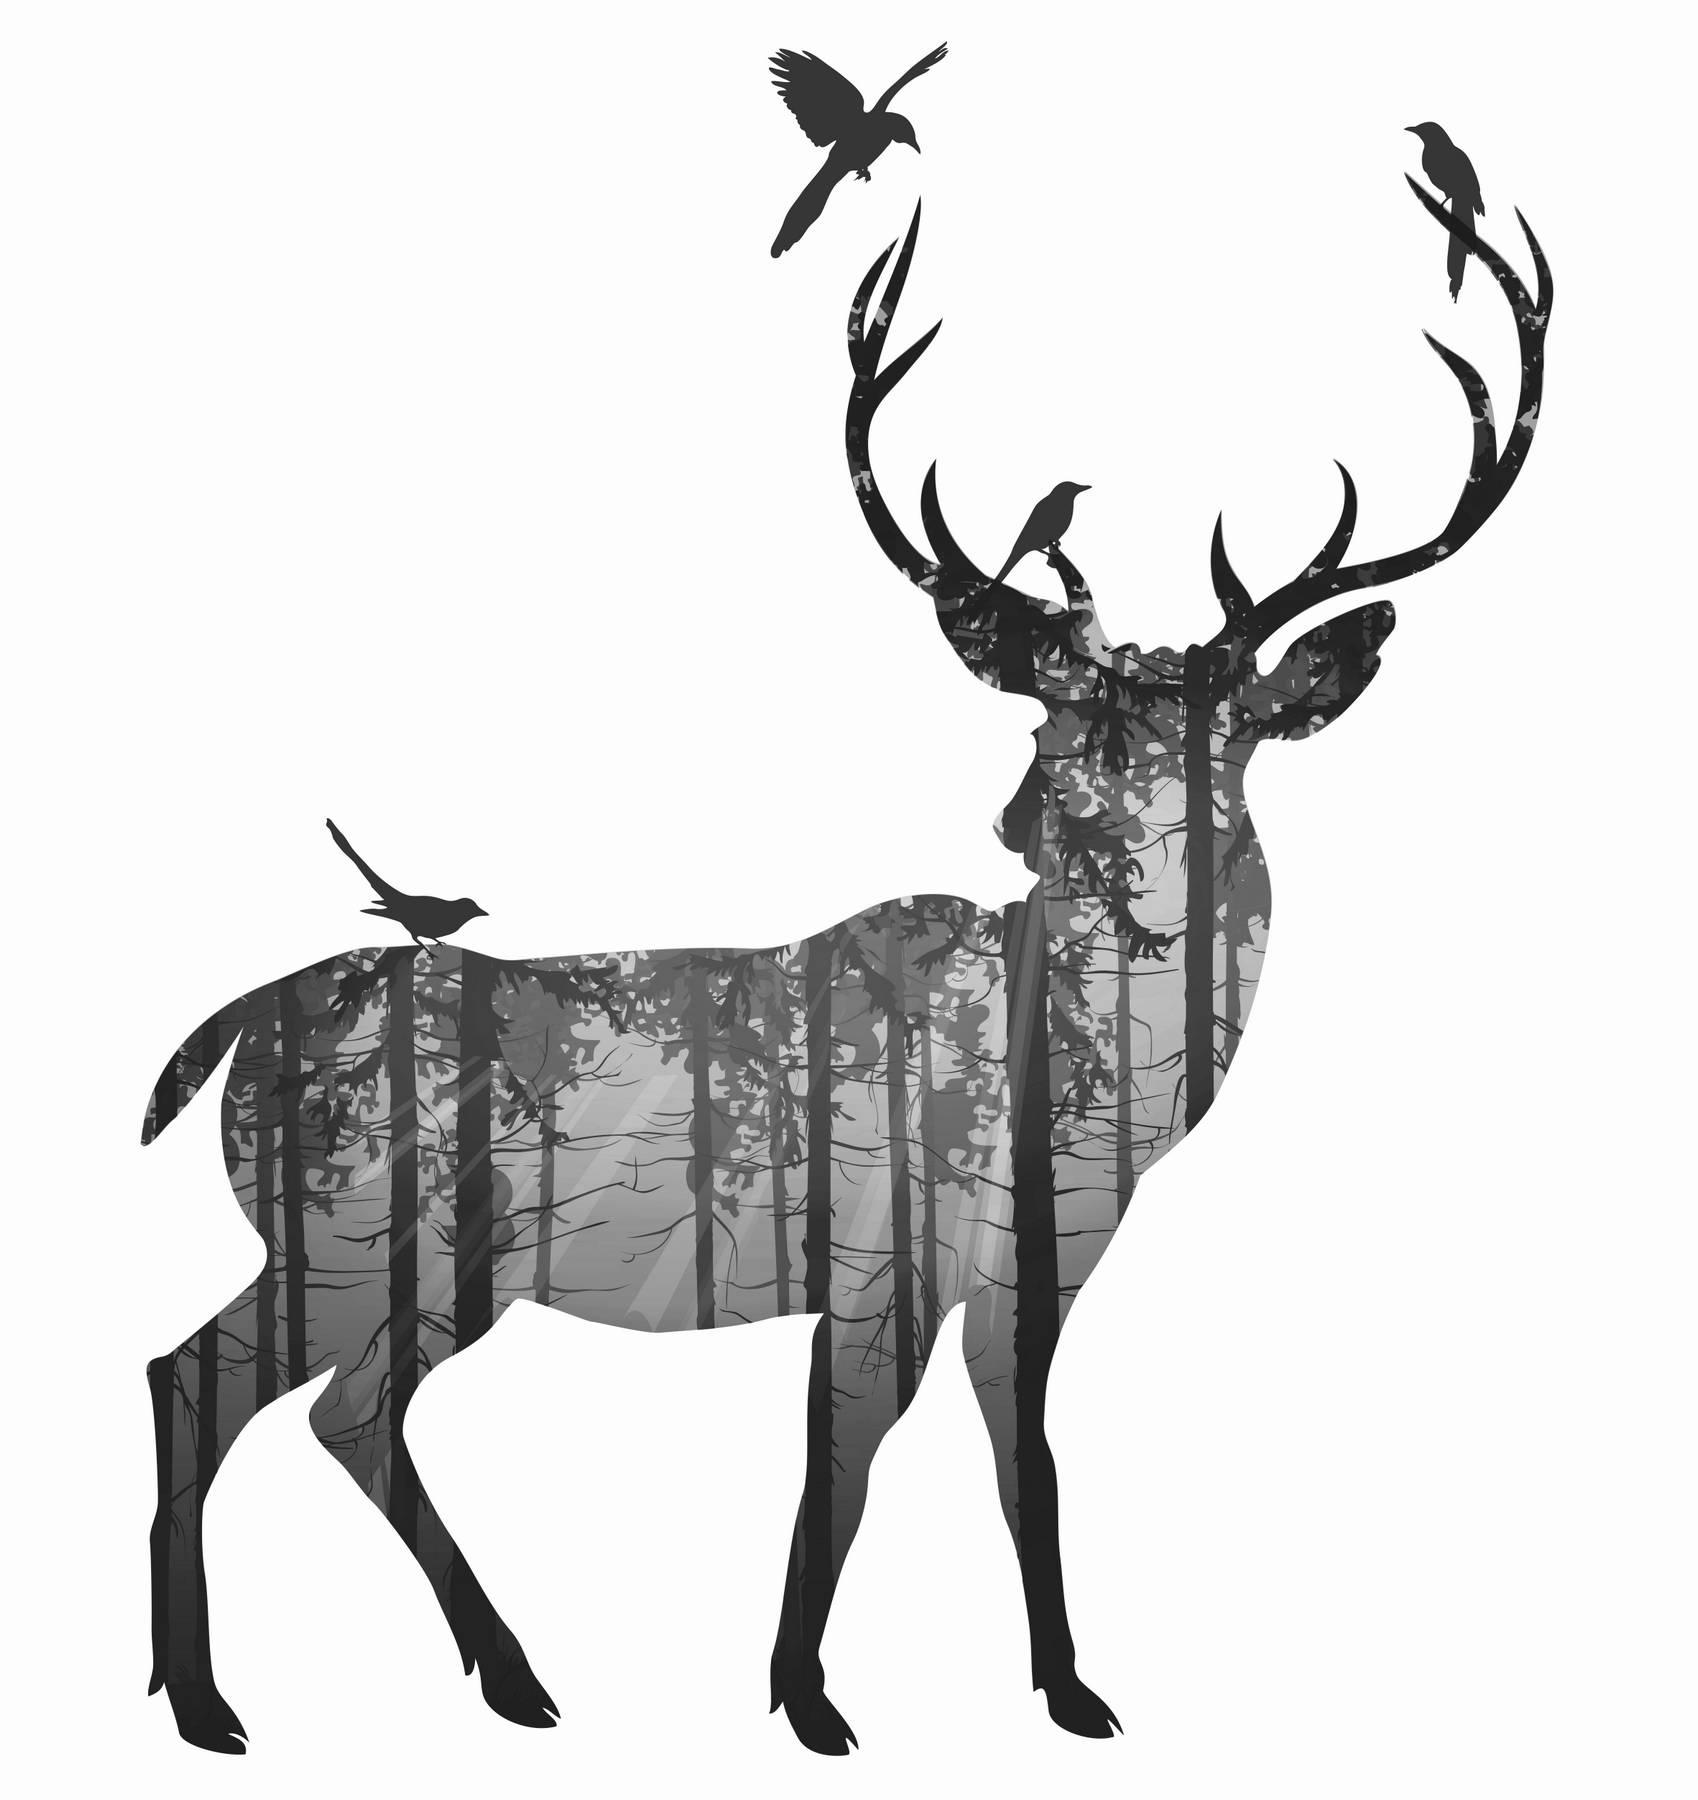 0013_装饰画麋鹿高清图_0x0PX_JPG_300DPI_0